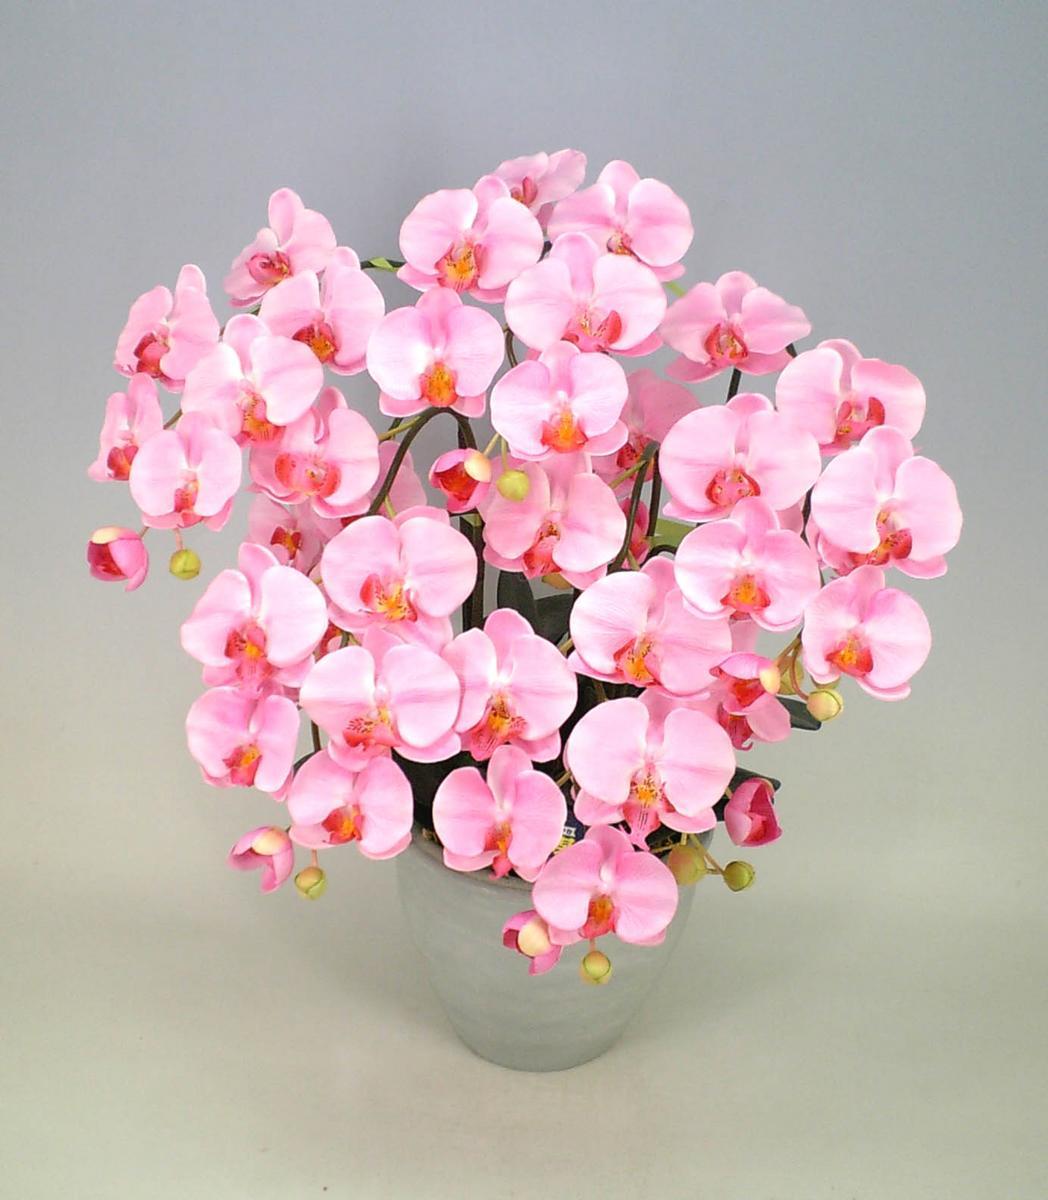 【光触媒】【造花】胡蝶蘭 大輪 薄ピンク M 5本立ち送料無料 本物そっくりで生花と間違うほど精巧です。